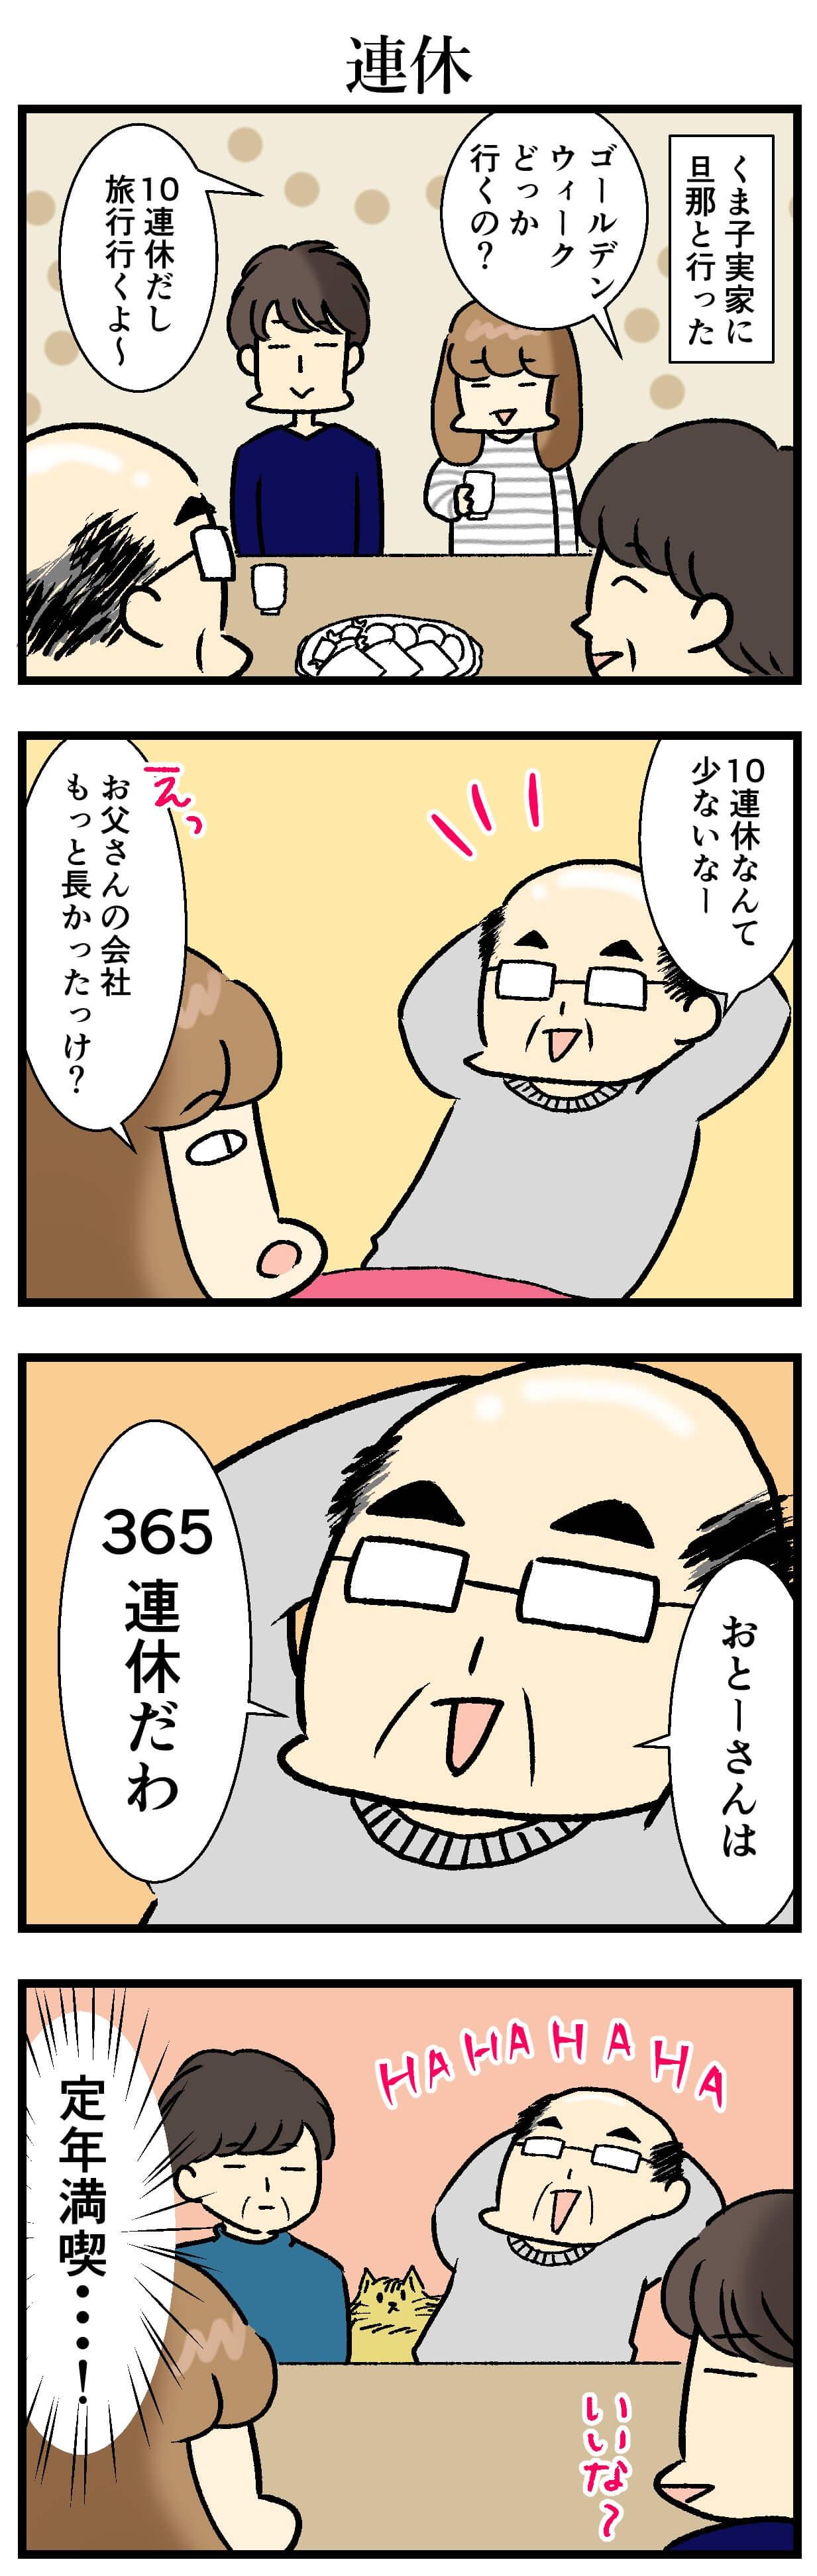 【エッセイ漫画】アラサー主婦くま子のふがいない日常(111)